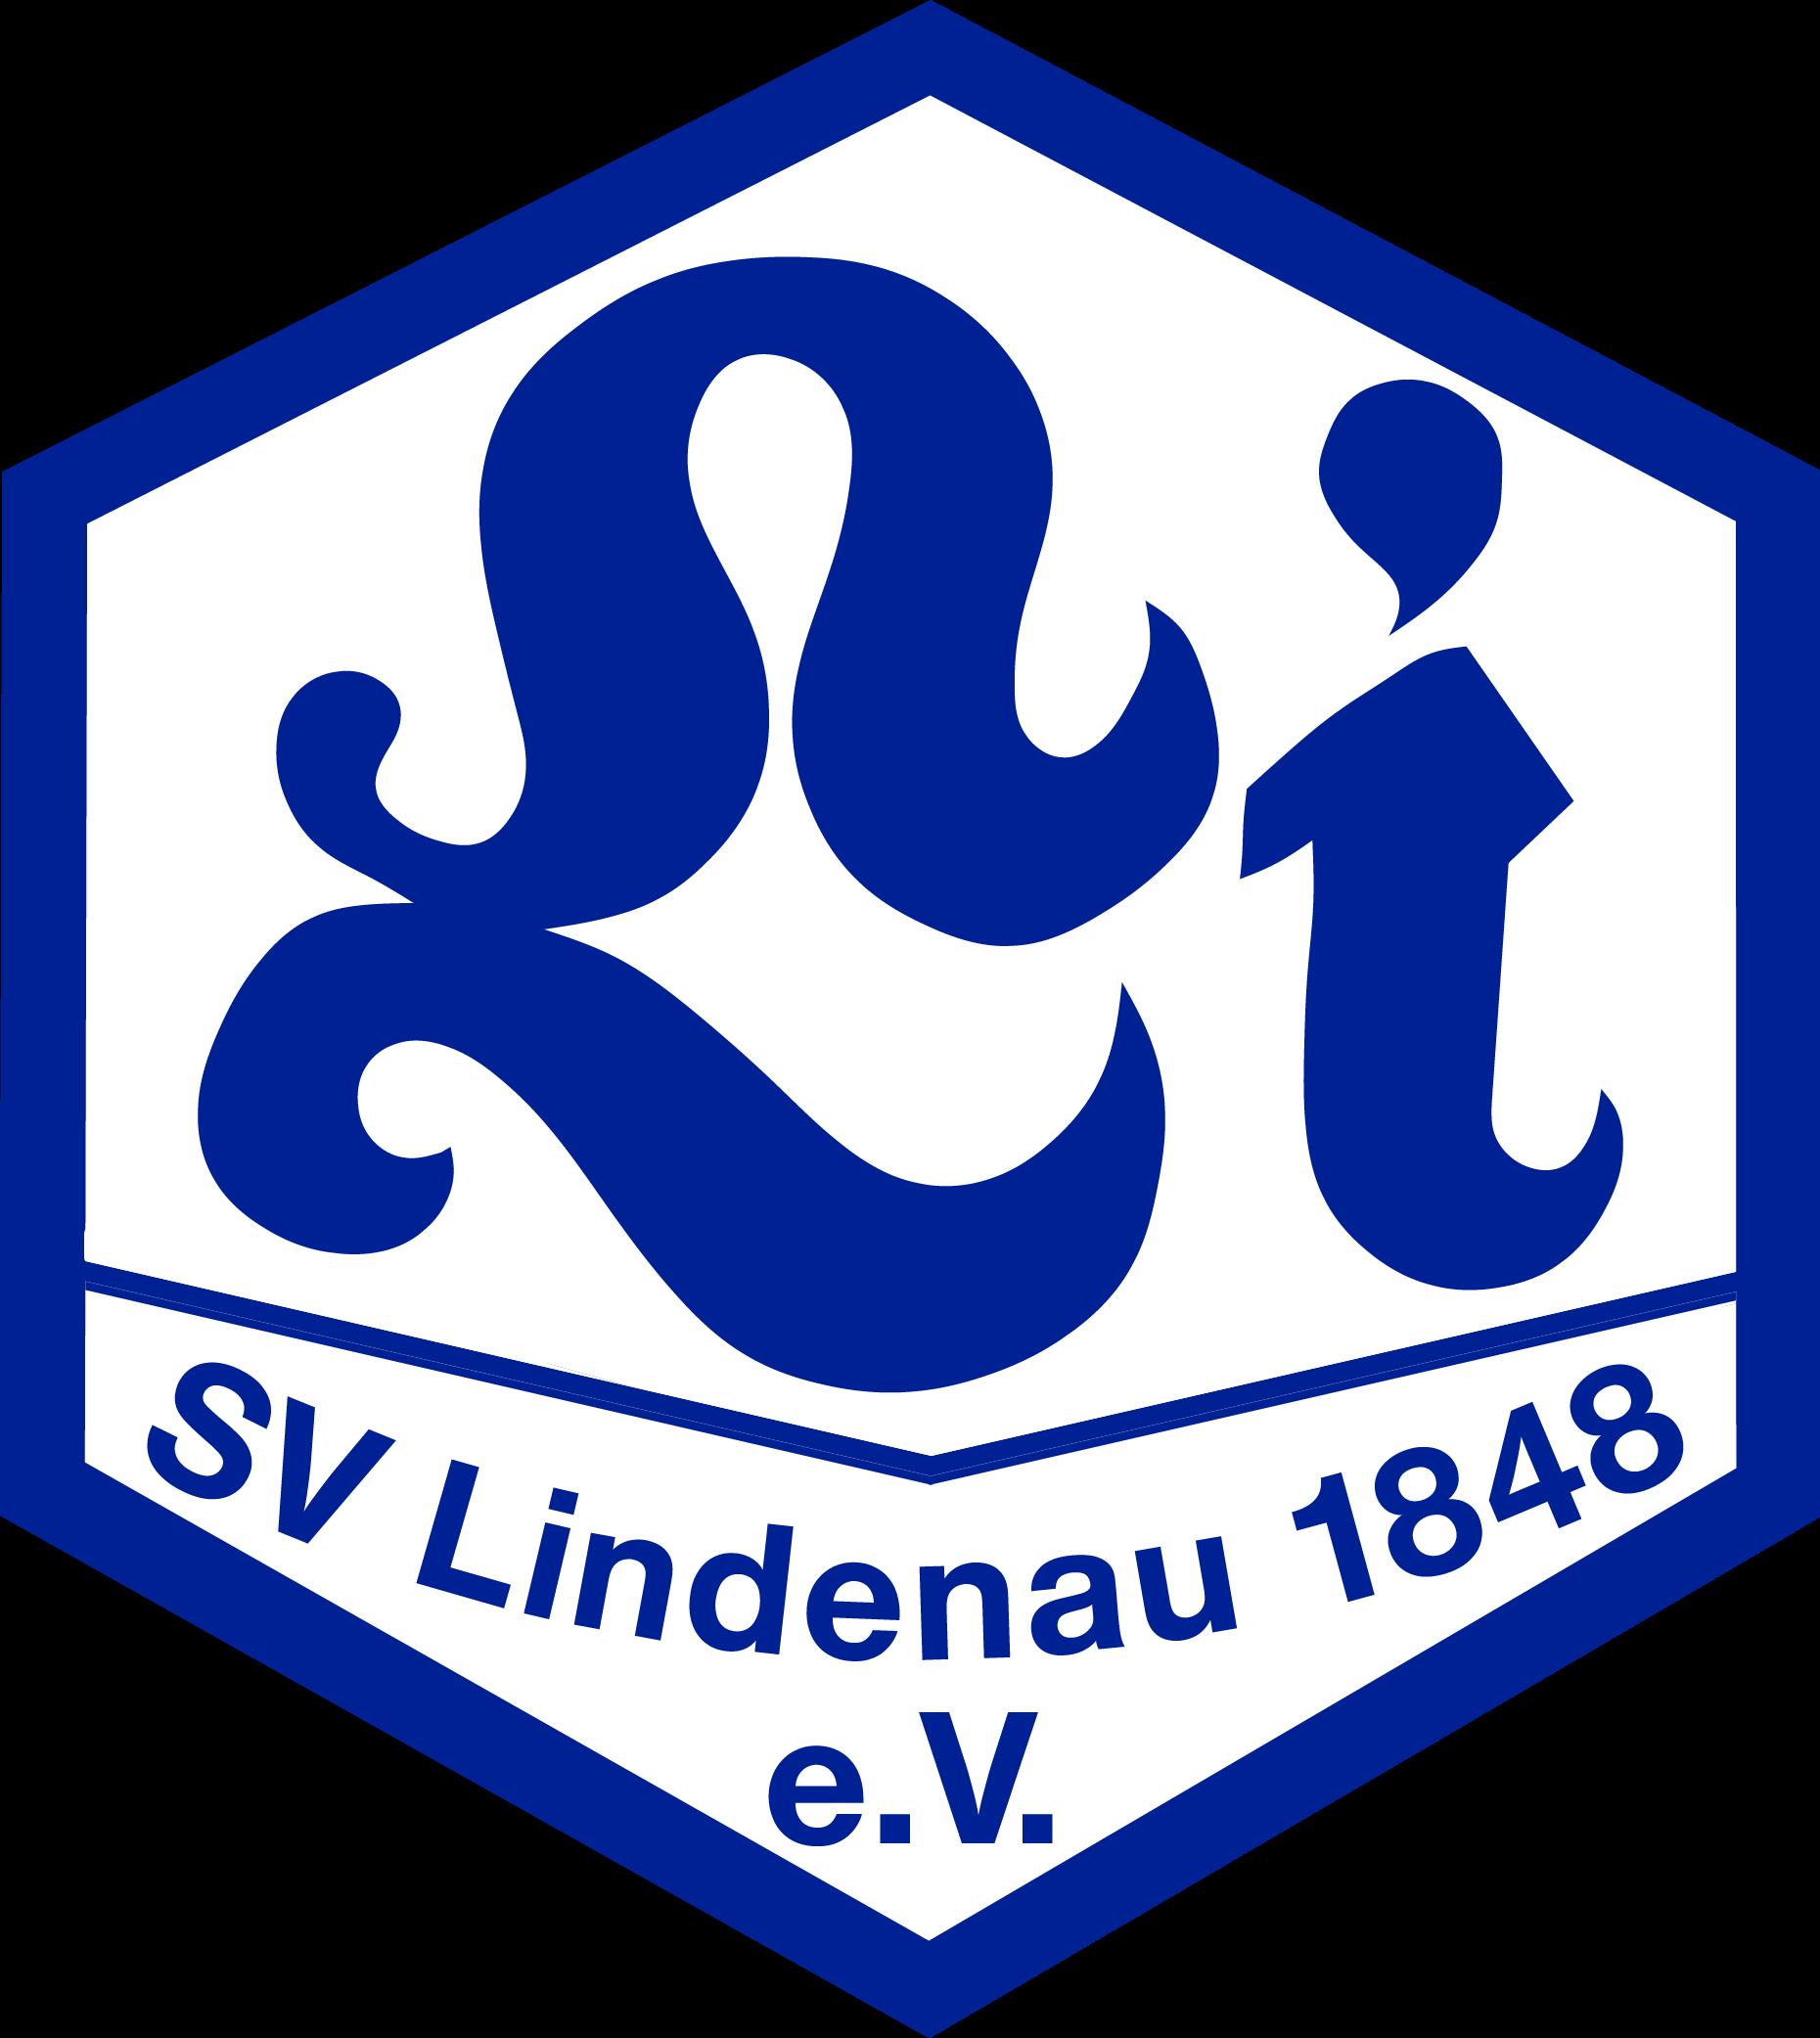 Roundnet SV Lindenau 1848 e.V.